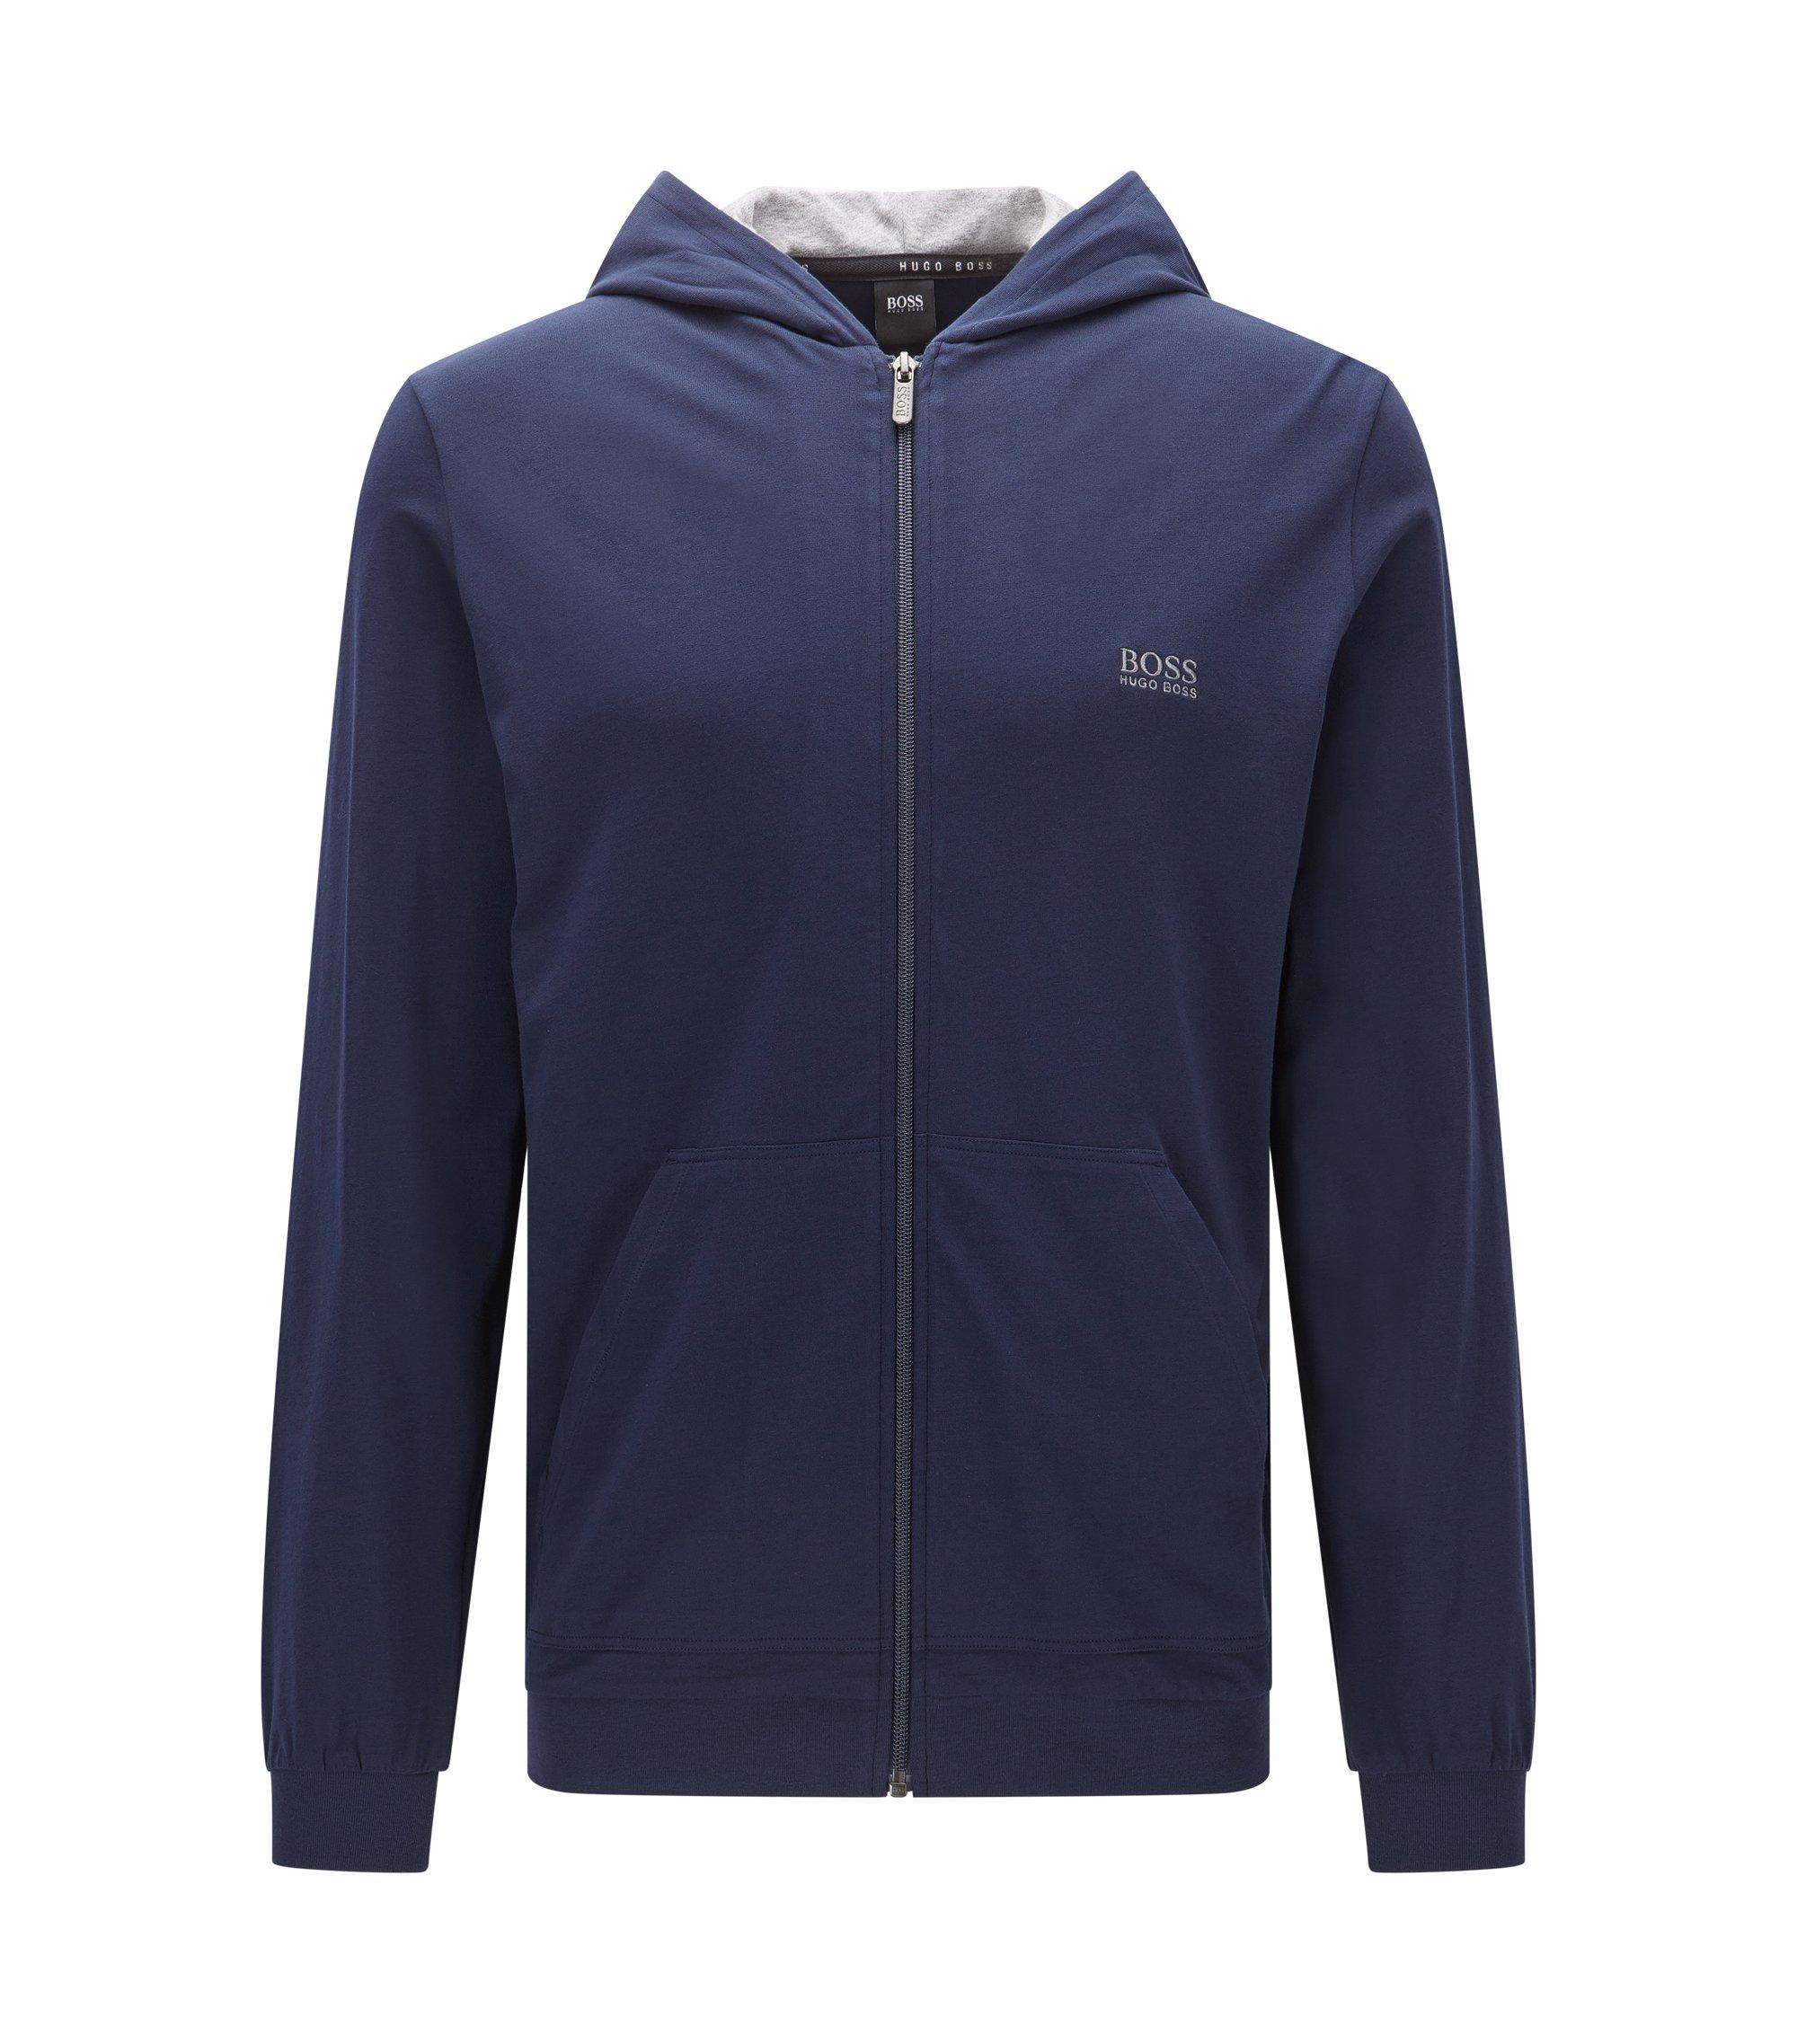 Veste à capuche en jersey de coton stretch, Bleu foncé